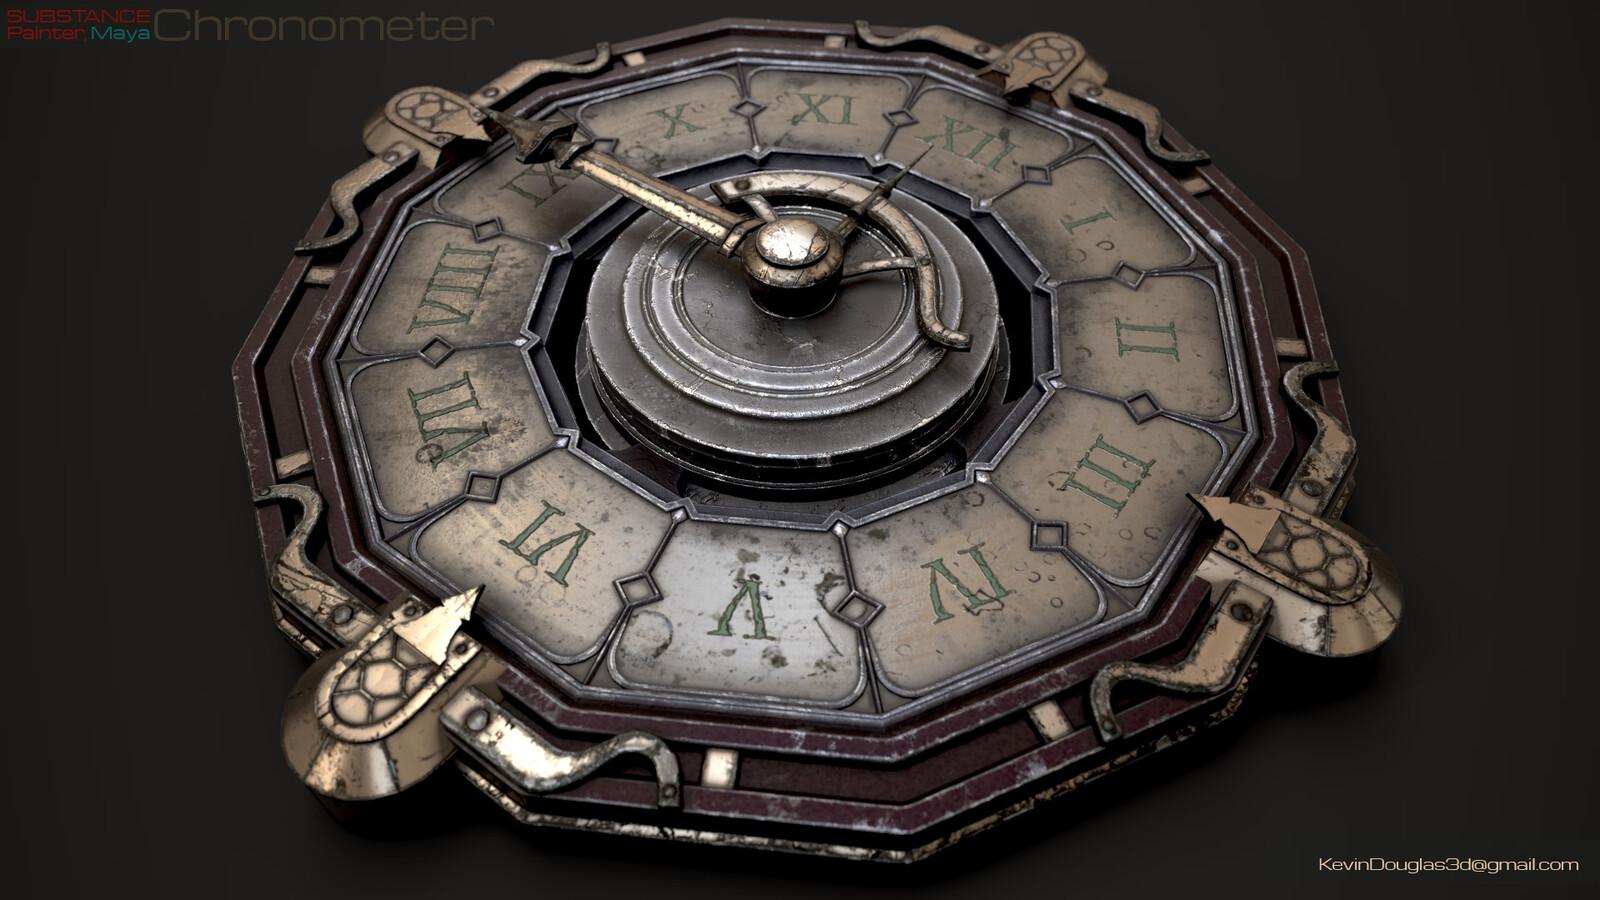 FFXIV Wall Chronometer